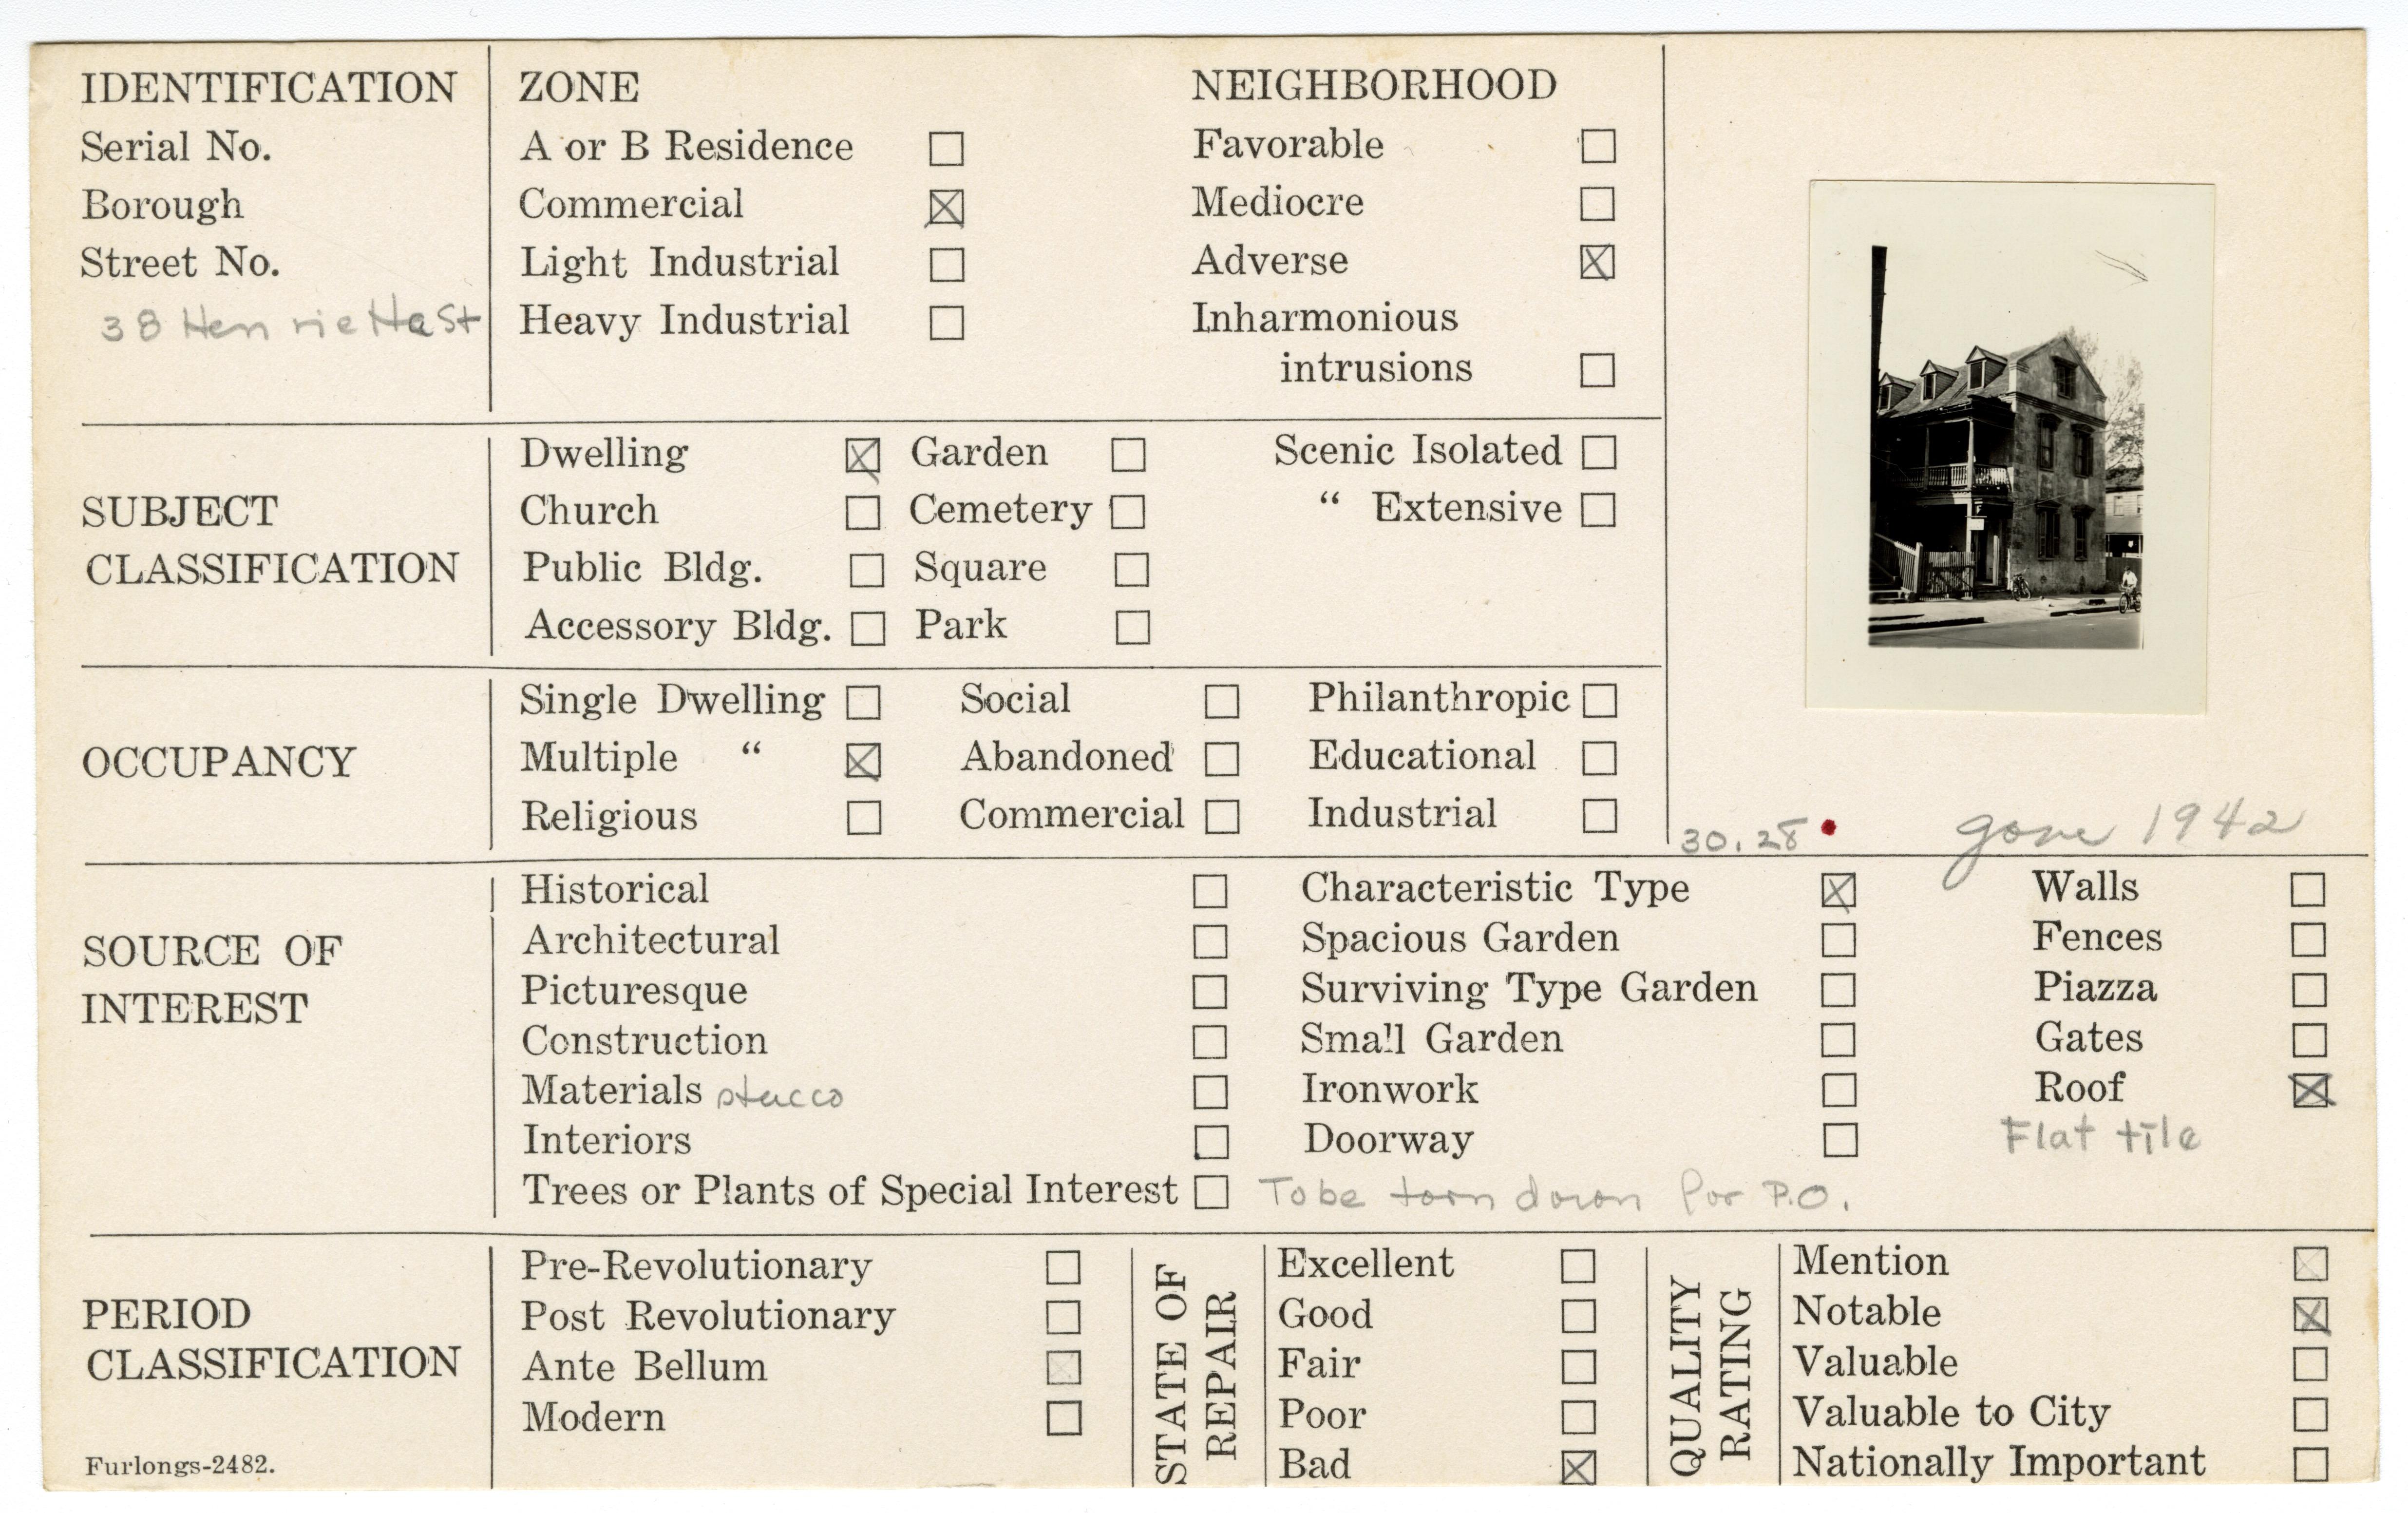 Index Card Survey of 38 Henrietta Street